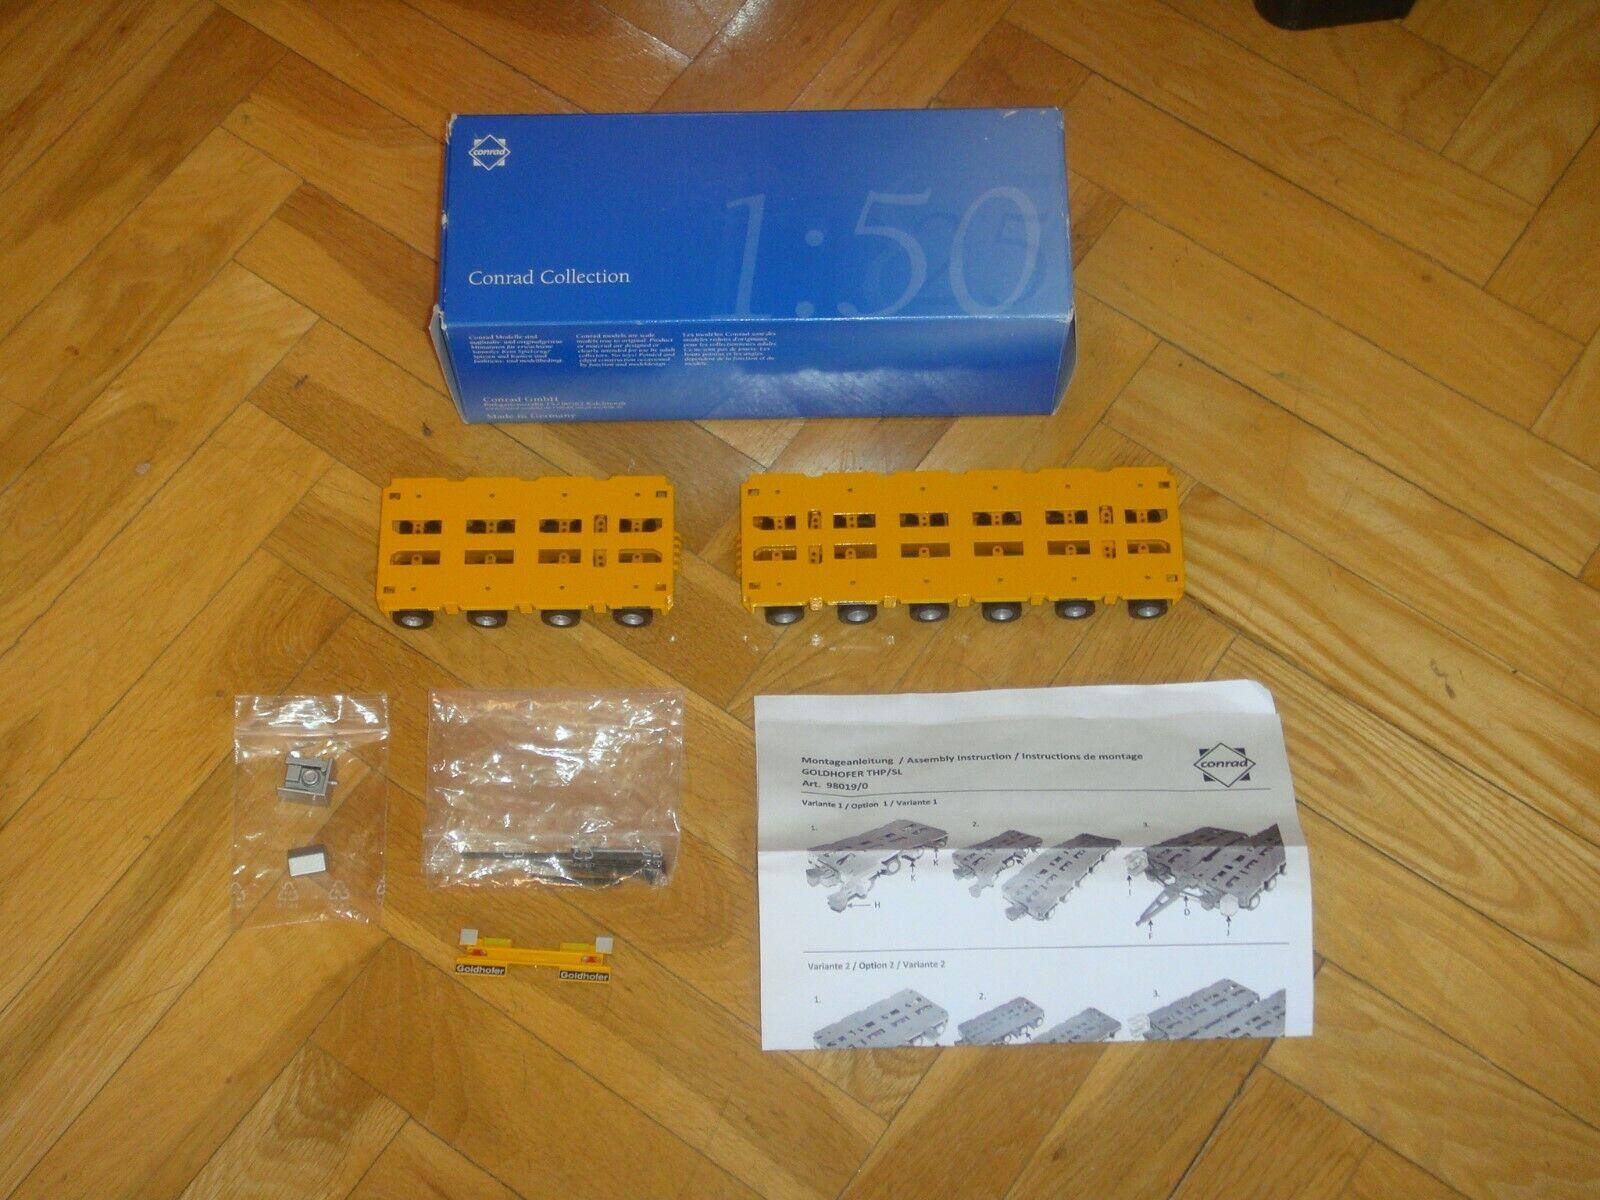 2 x argentFORMAS orHOFER CON 4 Y 6 EJES DE CONRAD Art  98019 03. BUEN ESTADO-(2